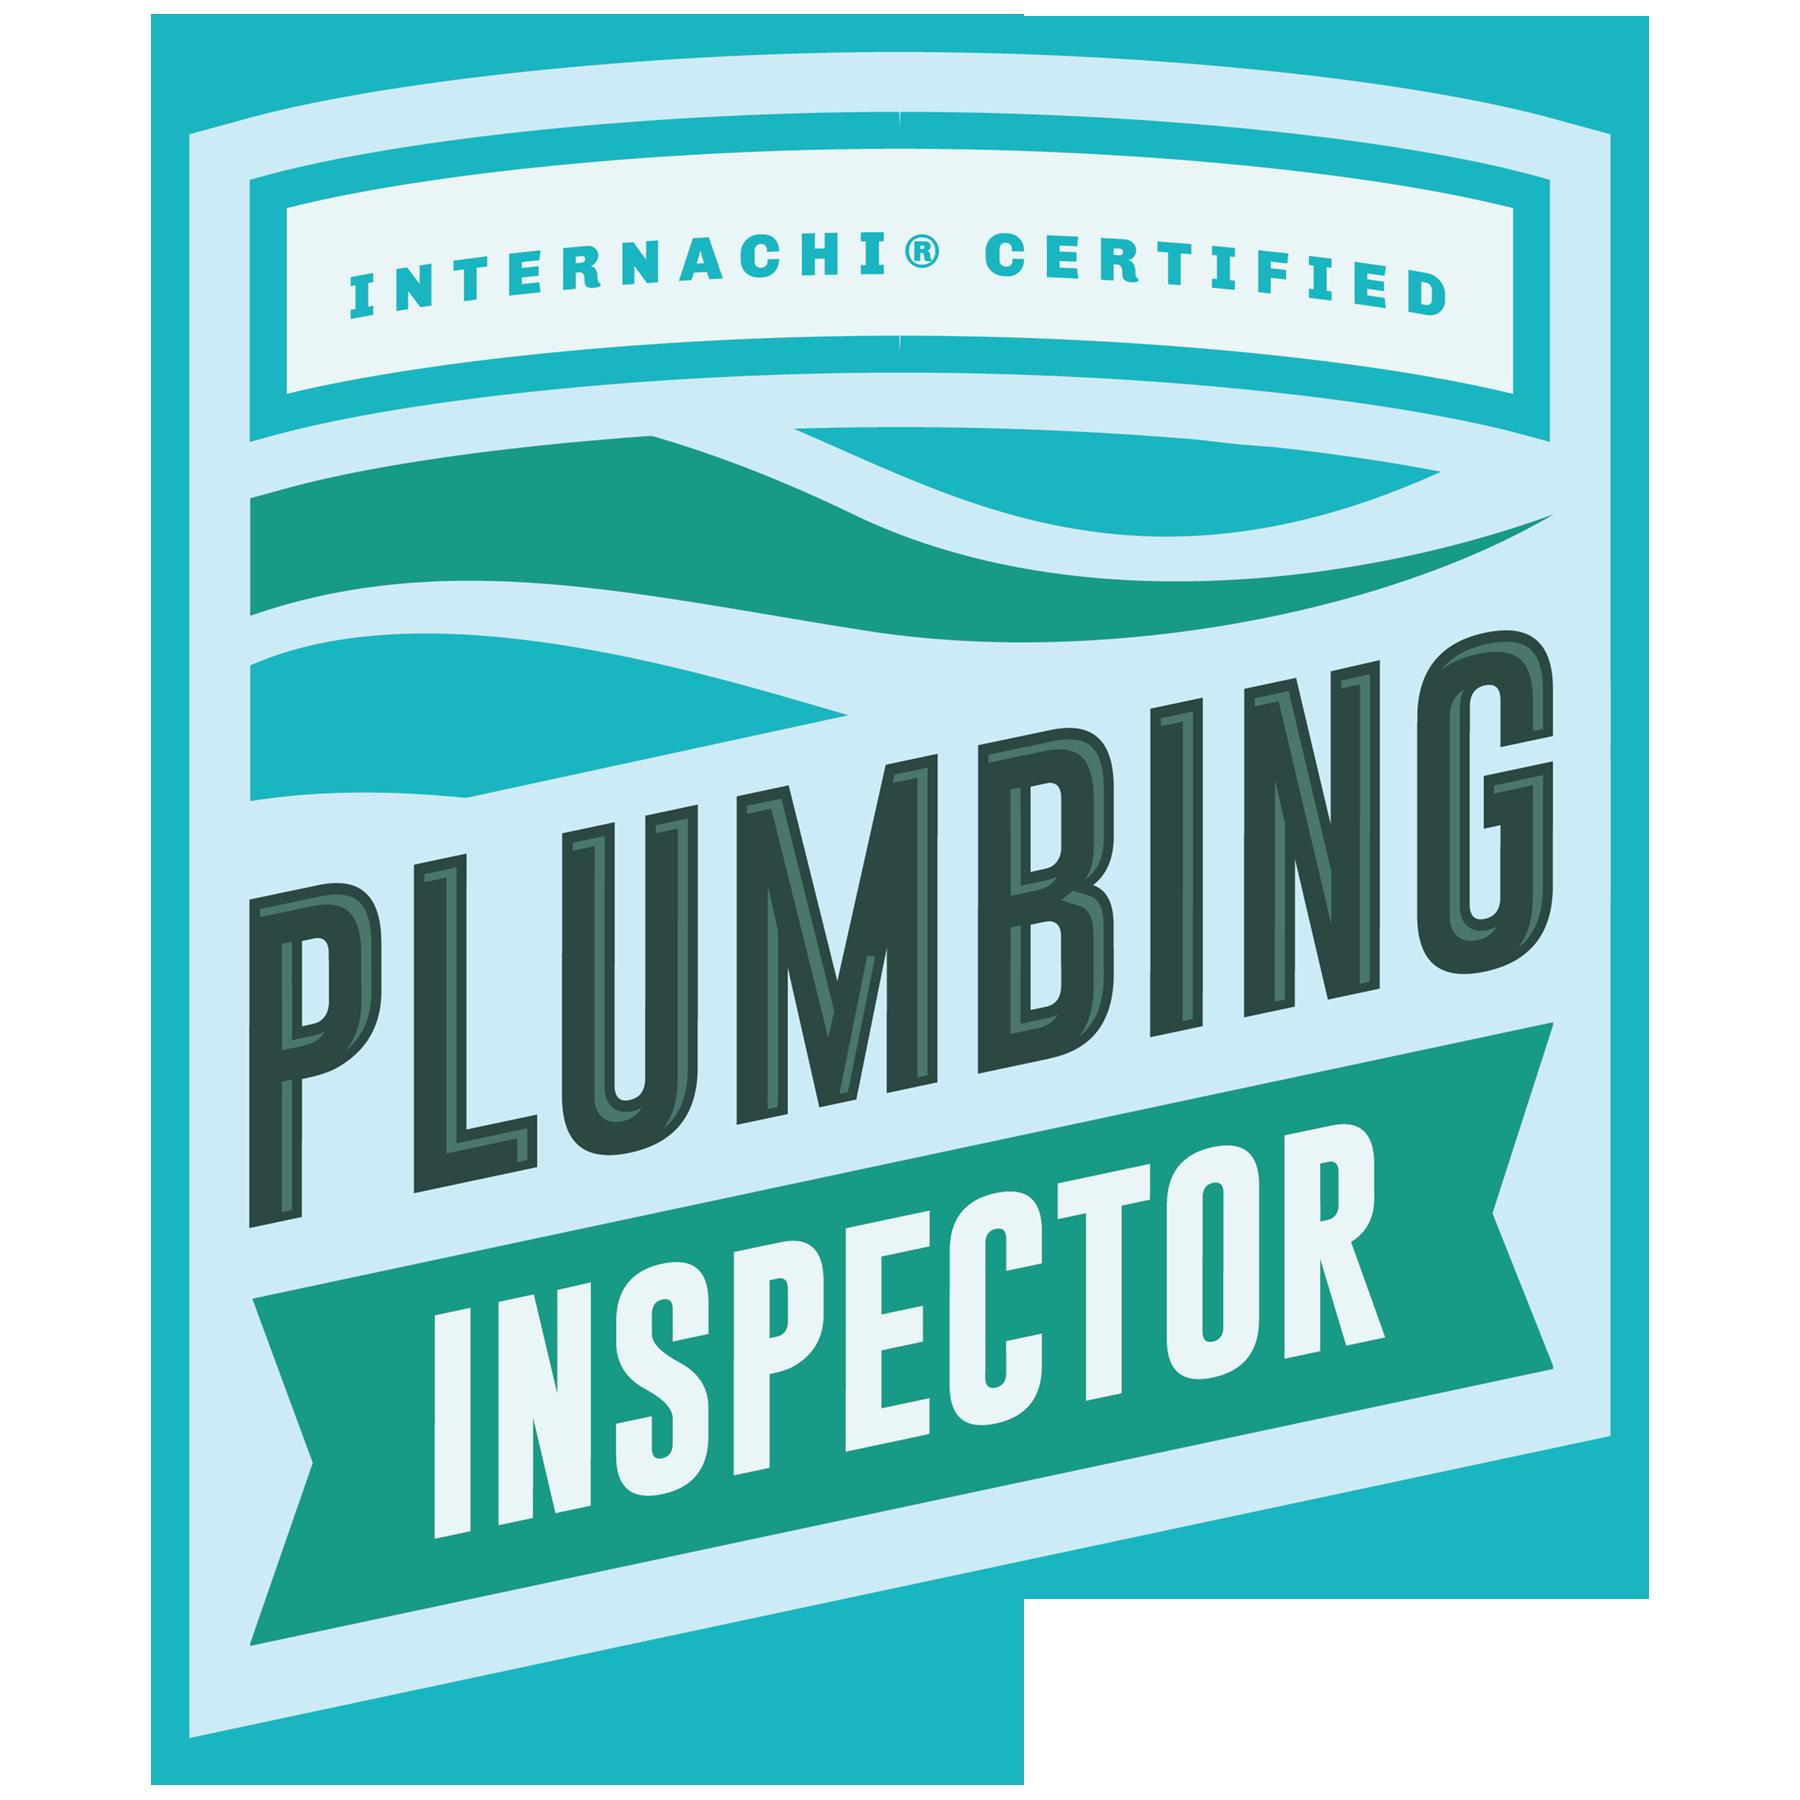 plumbing.inspector.png